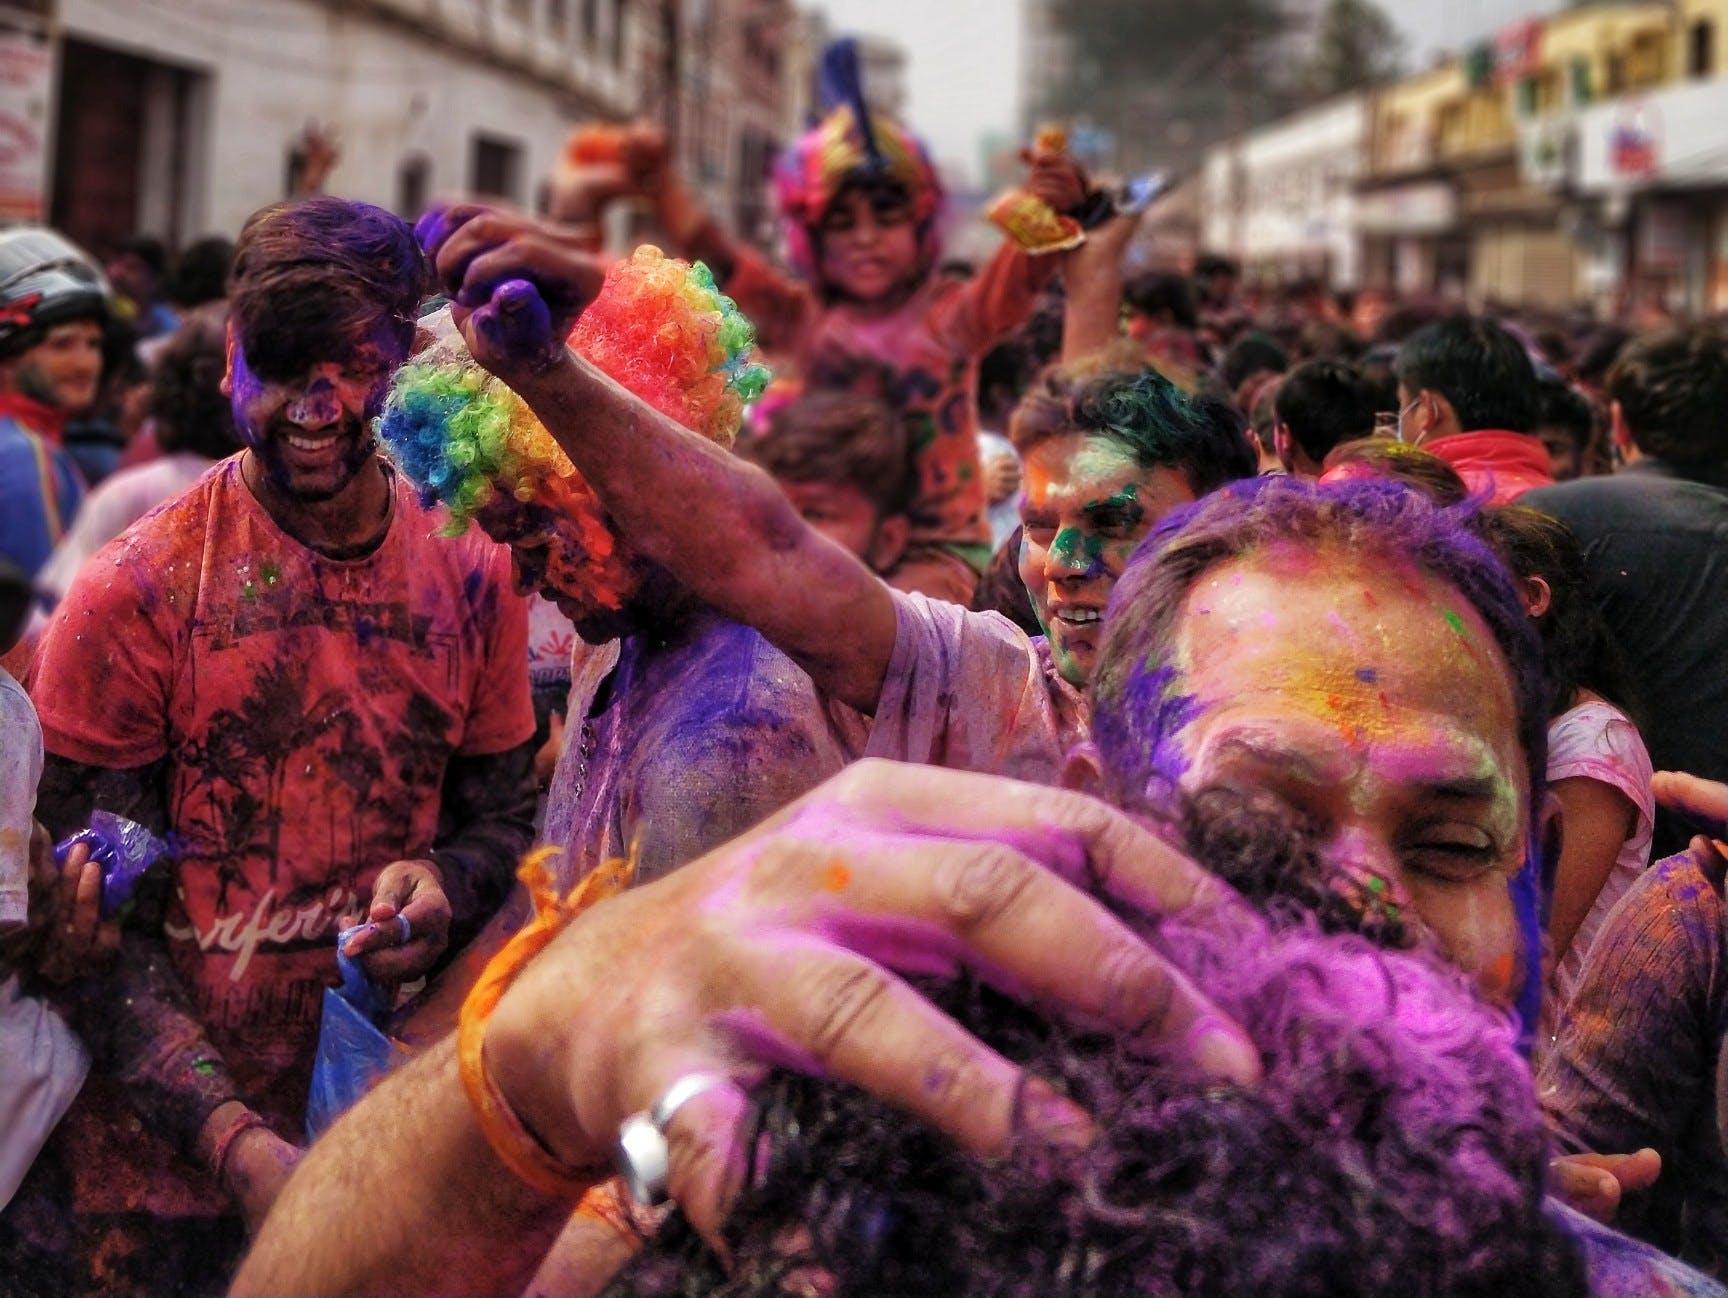 Ảnh lưu trữ miễn phí về Âm nhạc, Ấn Độ, cuộc biểu tình, diễu hành